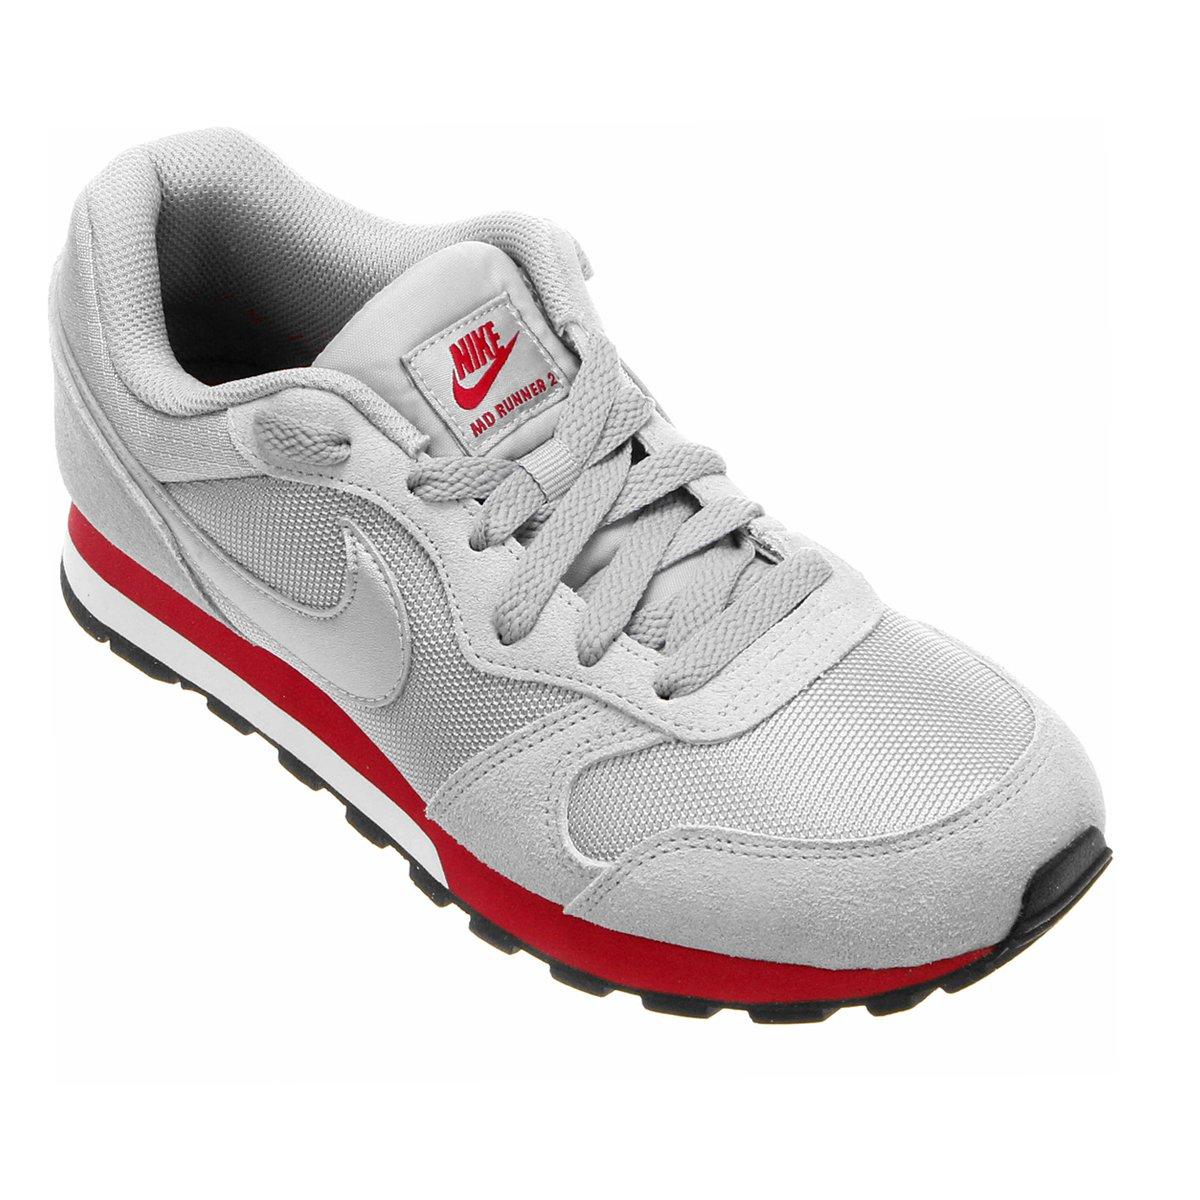 9d10989f7 Tênis Nike Md Runner 2 Feminino - Cinza e Vermelho - Compre Agora ...